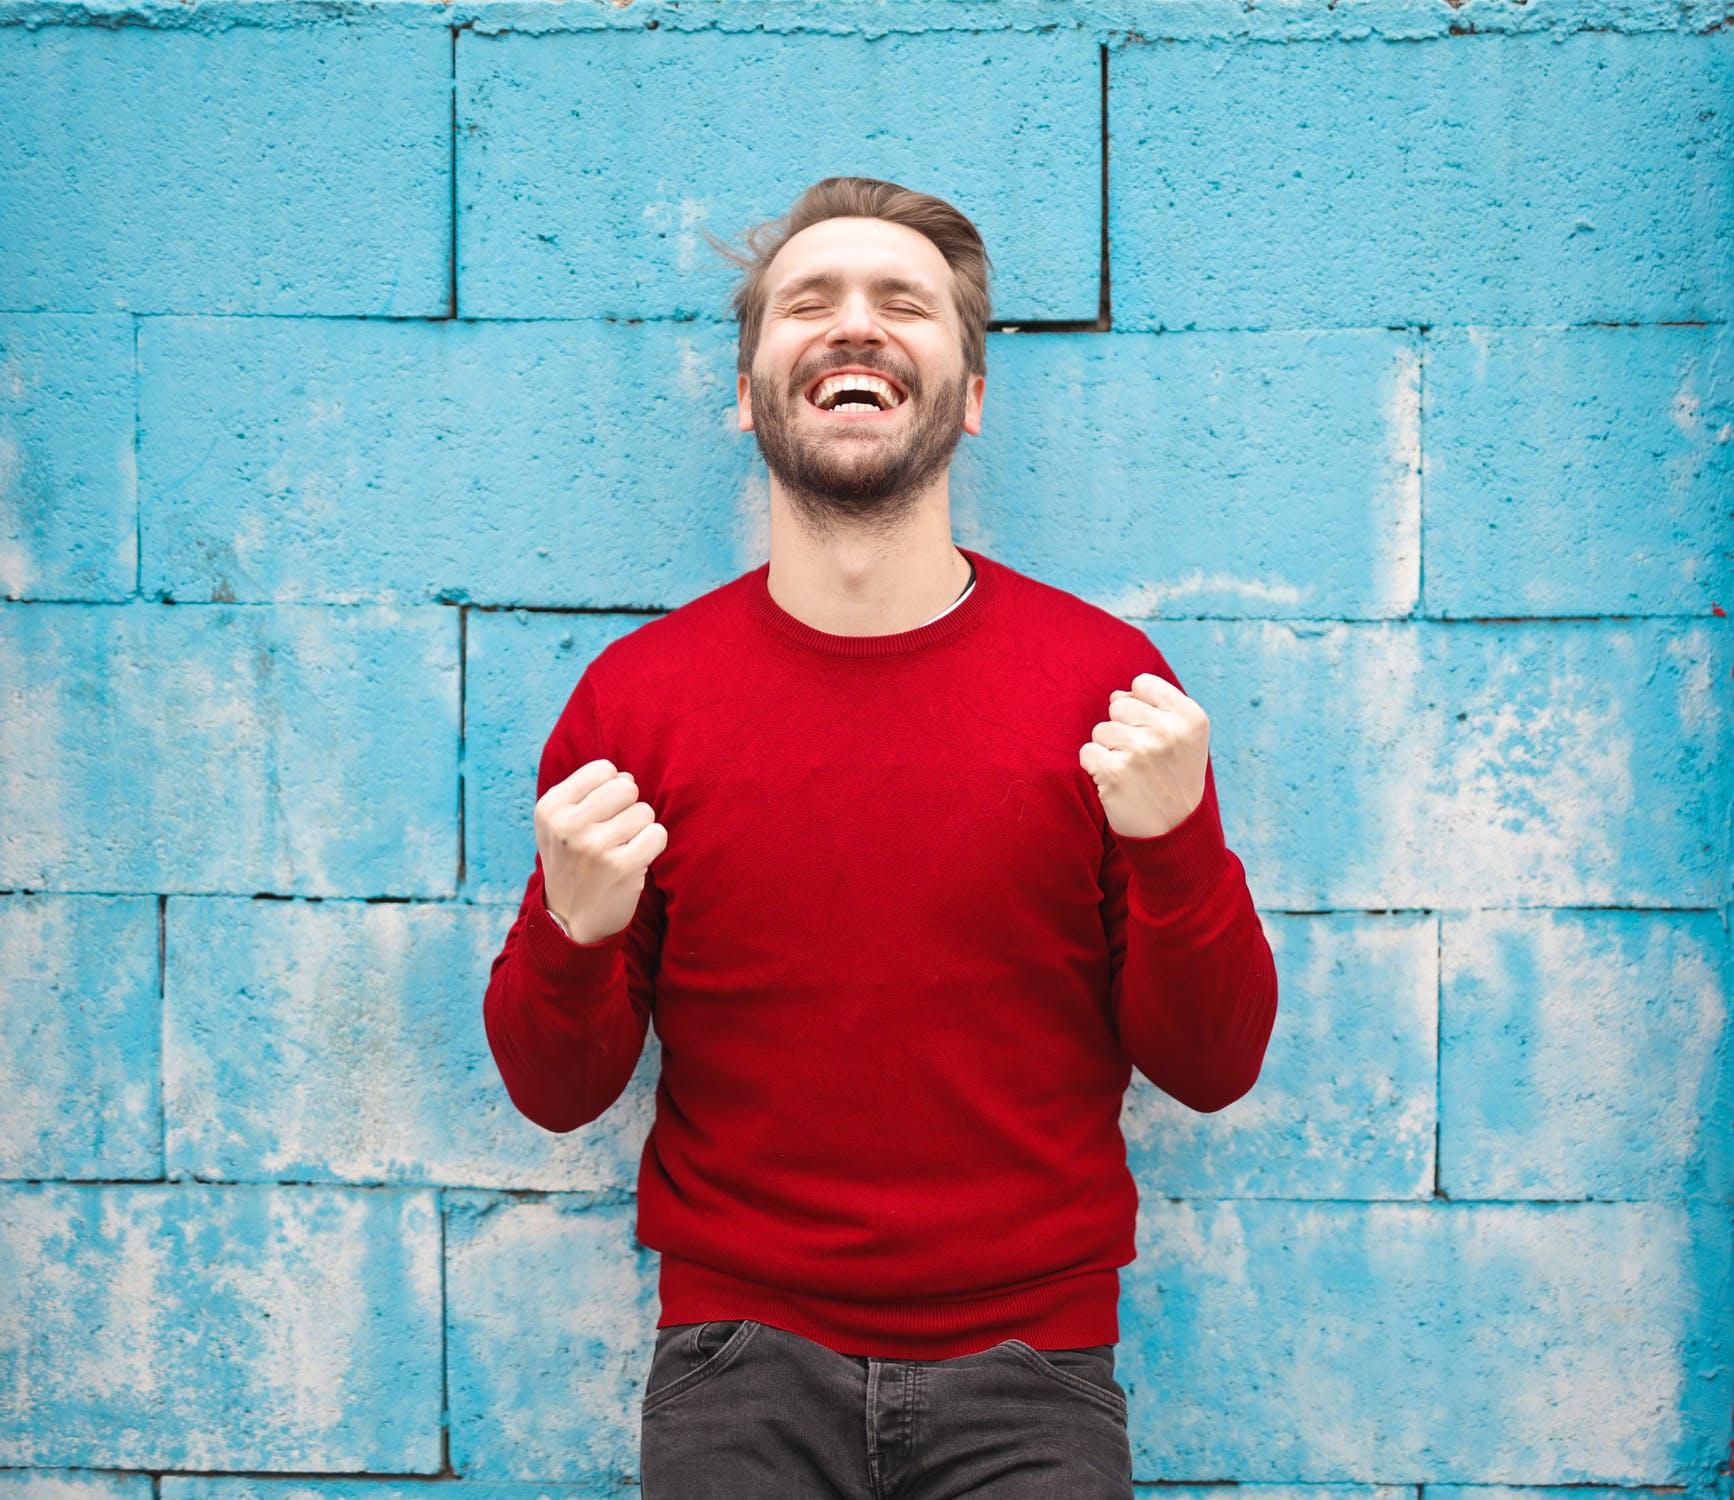 happy guy